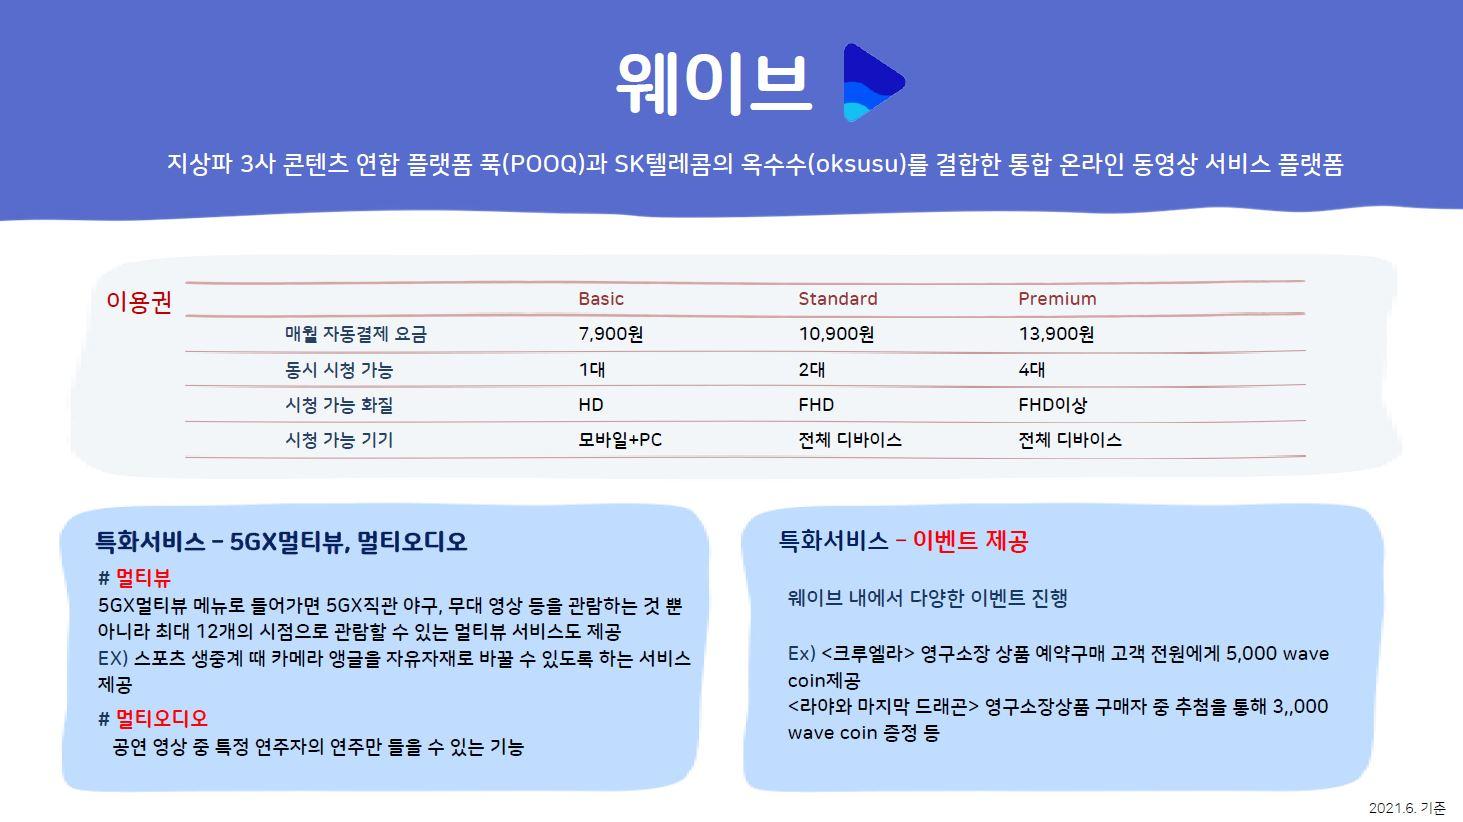 웨이브 지상한 3사 콘텐츠 연합 플랫폼 푹(POOQ)과 SK텔레콤의 옥수수(oksusu)를 결합한 통합 온라인 동영상 서비스 플랫폼 이용권 basic standard premium 매월 자동결제 요금 7,900원 10,900원 13,900원 동시 시청 가능 1대 2대 4대 시청 가능 화질 HD FHD FHD이상 시청 가능 기기 모바일+PC 전체 디바이스 전체 디바이스 특화서비스 5GX멀티뷰, 멀티 오디오 멀티뷰 5GX멀티뷰 메뉴로 들어가면 5GX직관 야구, 무대 영상 등을 관람하는 것 뿐 아니라 최대 12개의 시점으로 관람할 수 있는 멀티뷰 서비스도 제공 EX 스포츠 생중계 때 카메라 앵글을 자유자재로 바꿀 수 있도록 하는 서비스 제공 멀티 오디오 공연 영상 중 특정 연주자의 연주만 들을 수 있는 기능 특화서비스 이벤트 제공 웨이브 내에서 다양한 이벤트 진행 Ex 크루엘라 영구소장 상품 예약구매 고객 전원에게 5,000 wave coin제공 라야와 마지막 드래곤 영구소장상품 구매자 중 추첨을 통해 3,,000 wave coin 증정 등